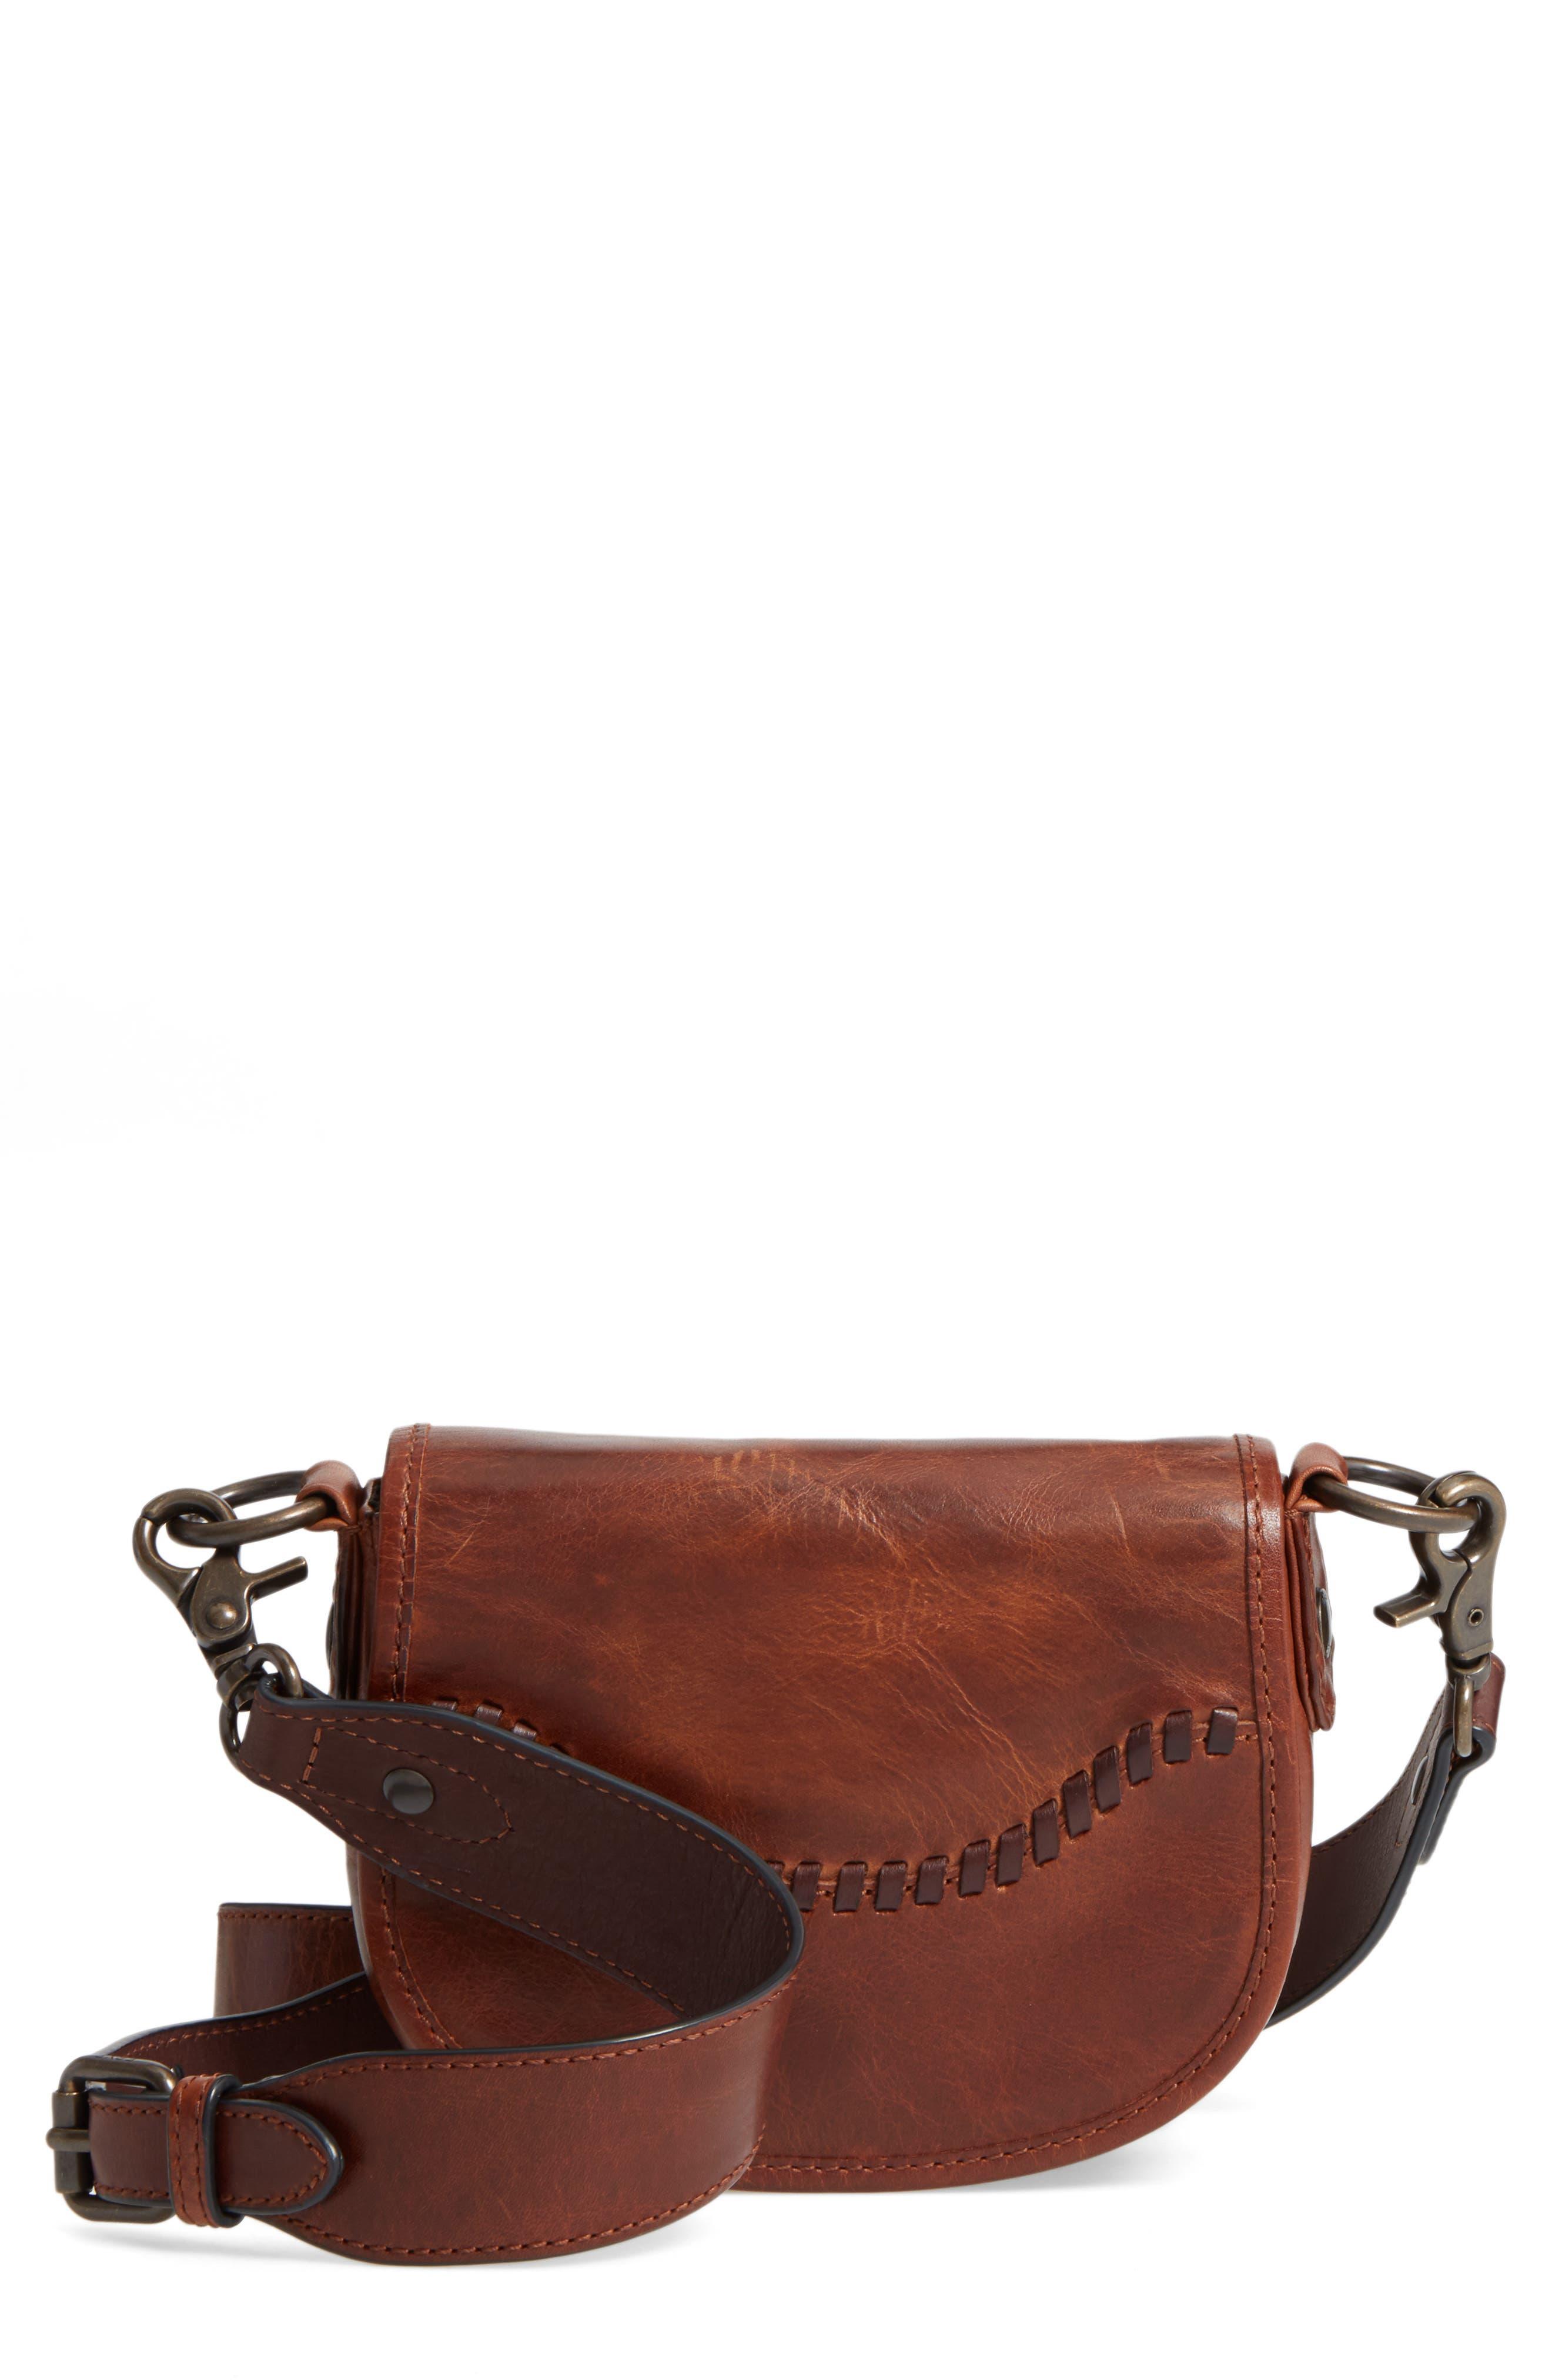 Frye Mini Melissa Whipstitch Leather Saddle Bag